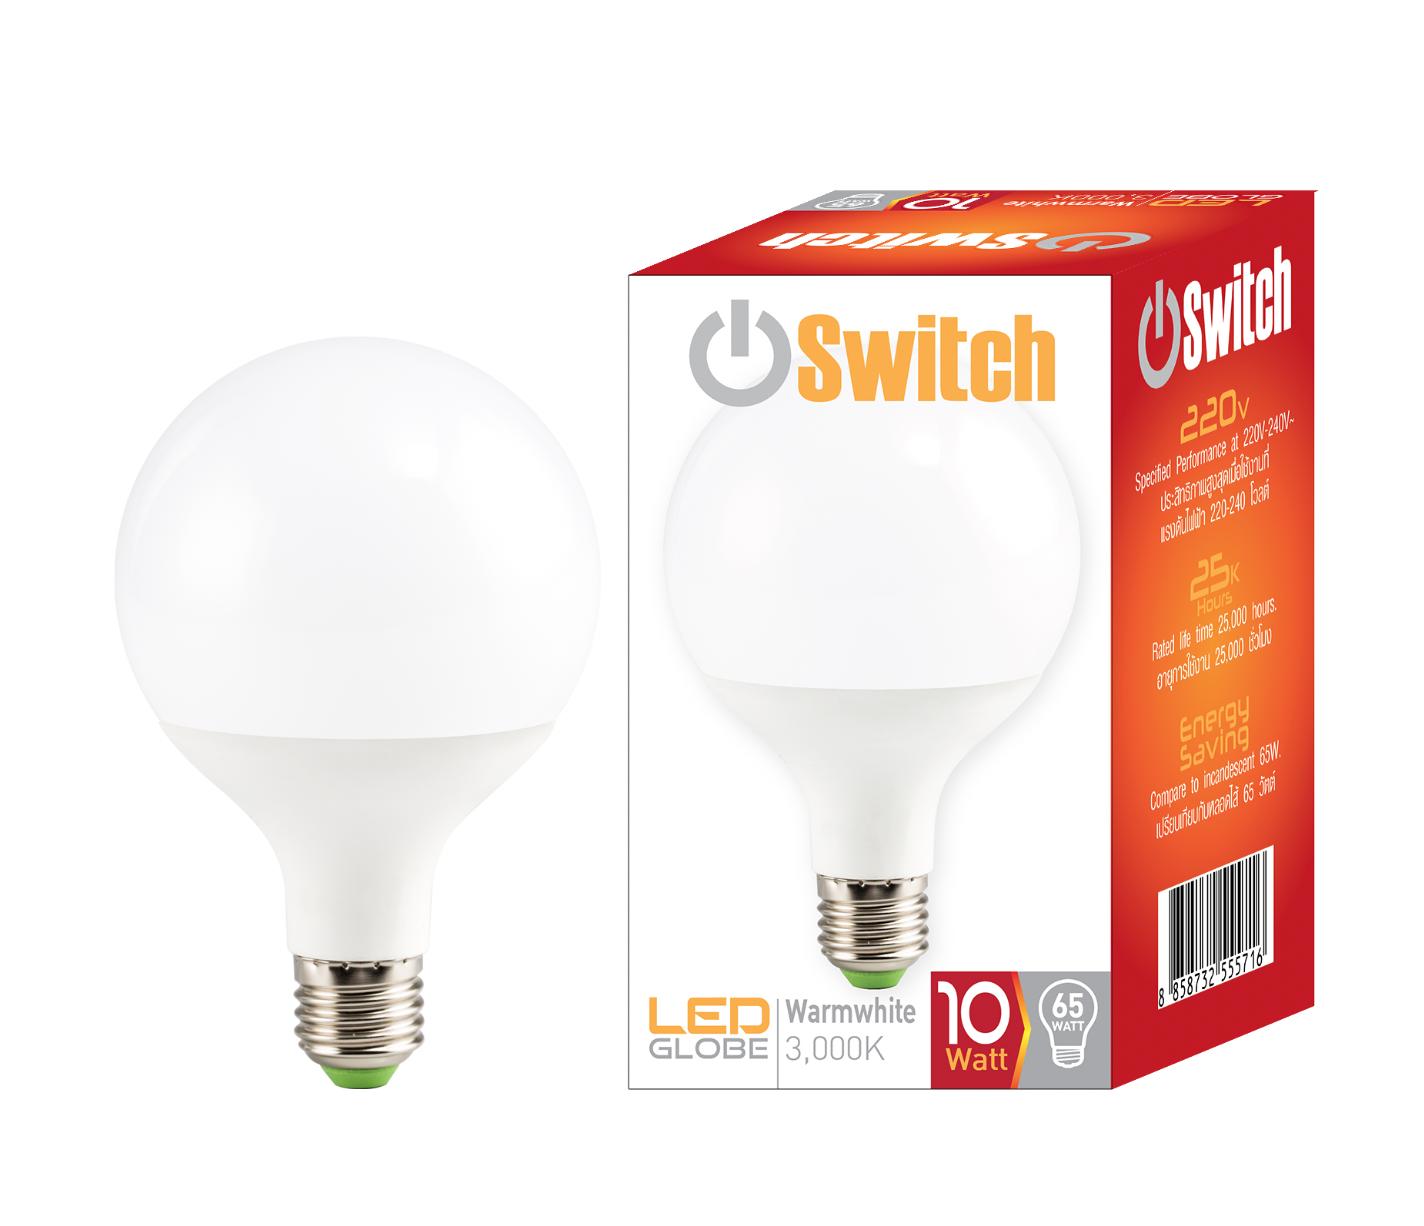 LED Globe 10w Warmwhite E27